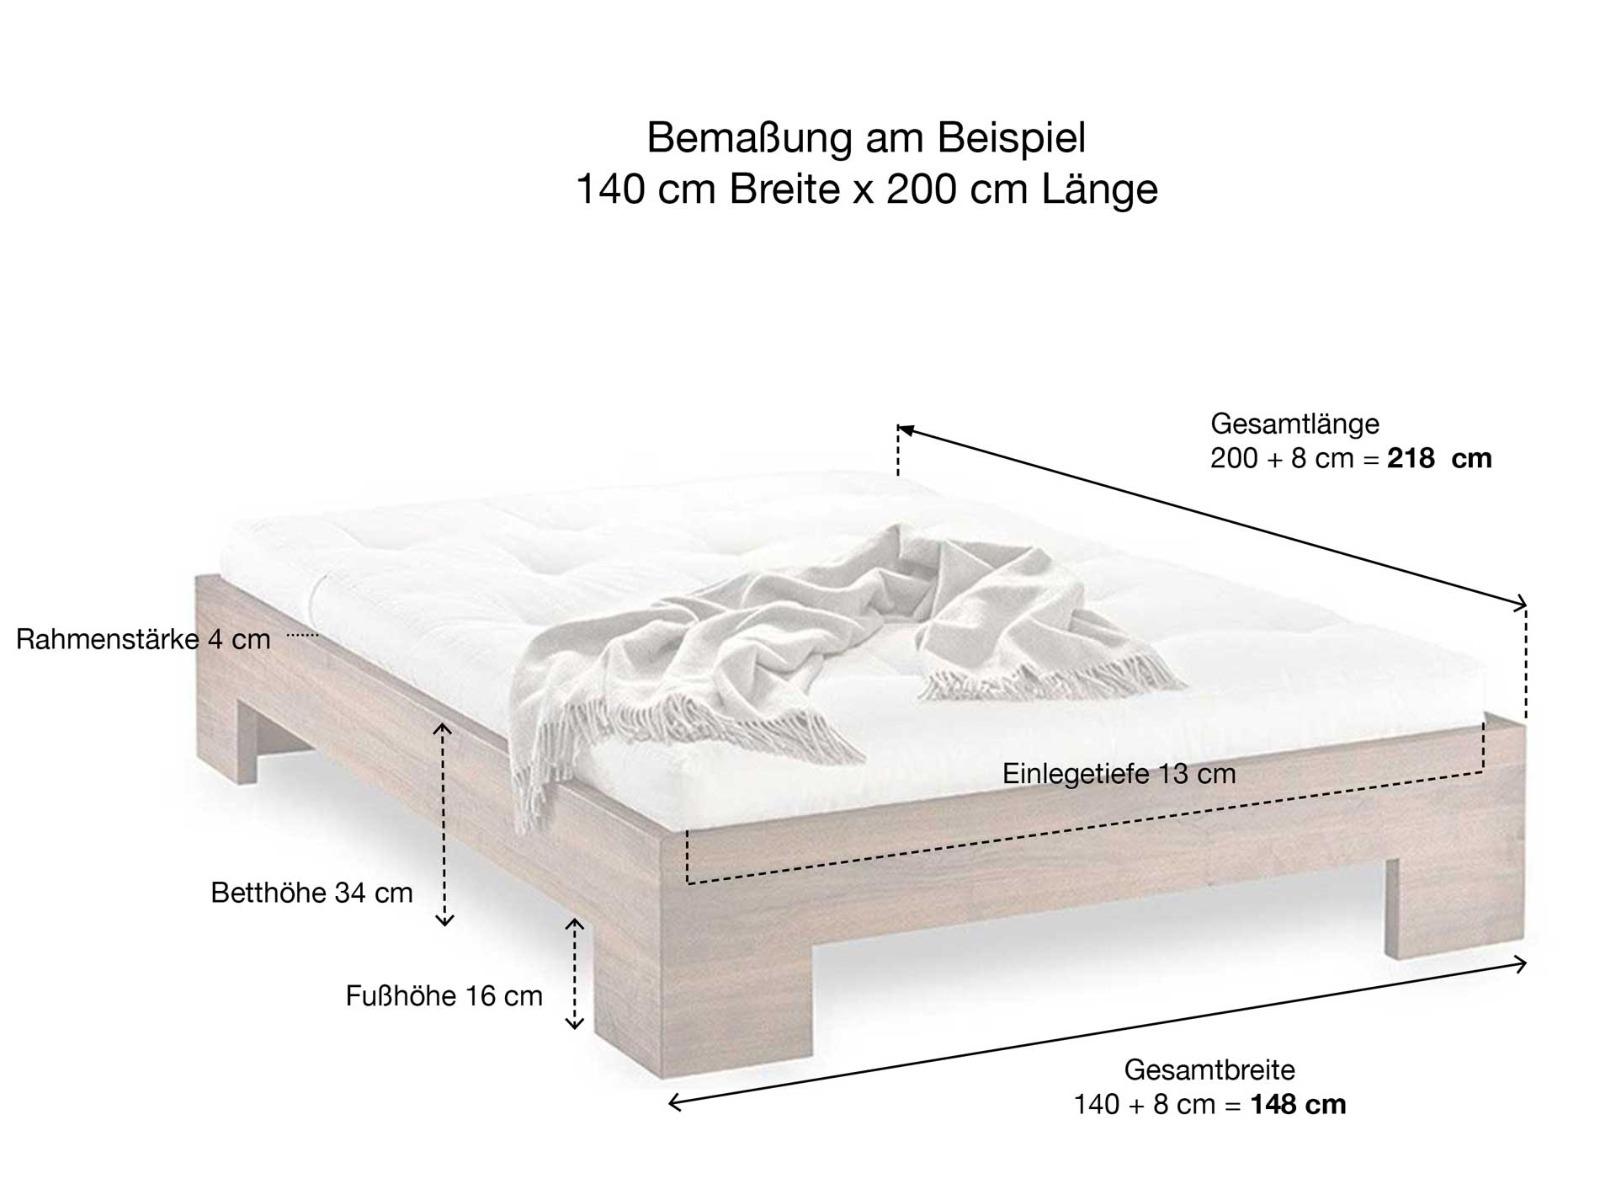 Full Size of Bett Breite Moellner Platz 9 Stapelbar Landhaus Zum Ausziehen Kolonialstil Günstig Betten Kaufen Designer Schöne Mit Schubladen Vintage Paradies Bette Bett Bett Breite